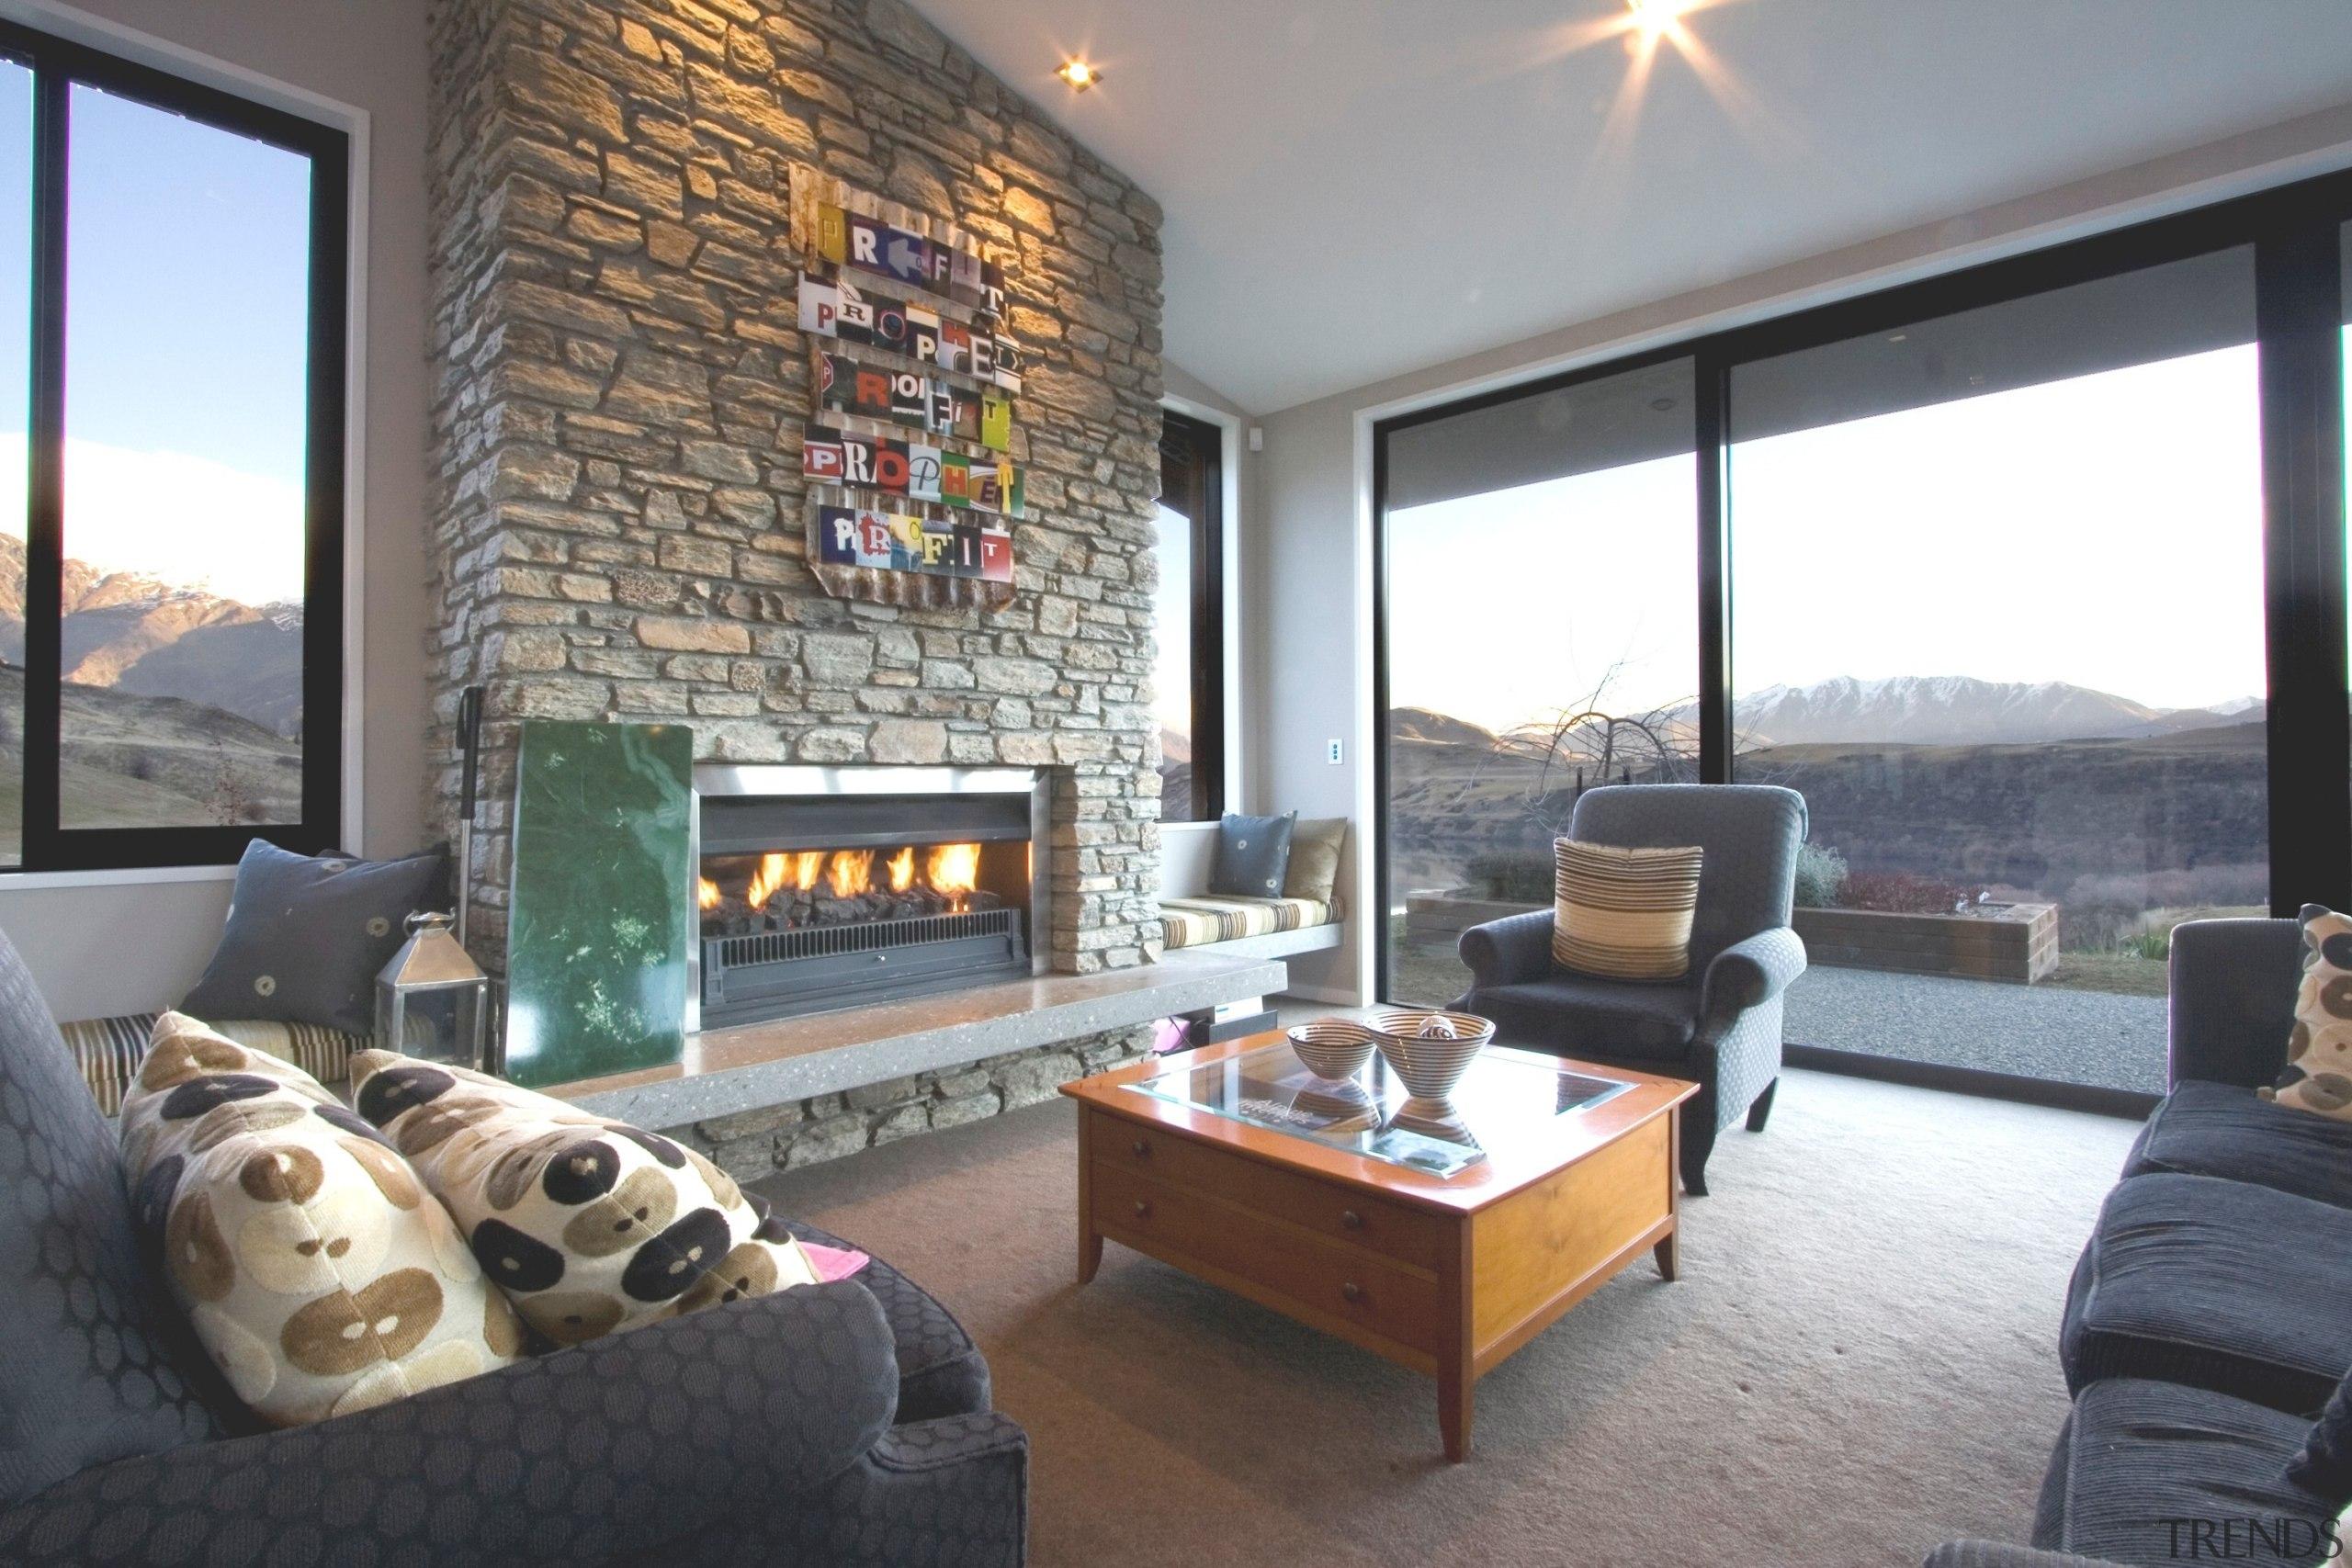 SG1100 Traditonal Gas Fire - SG1100 Traditonal Gas home, interior design, living room, property, real estate, room, gray